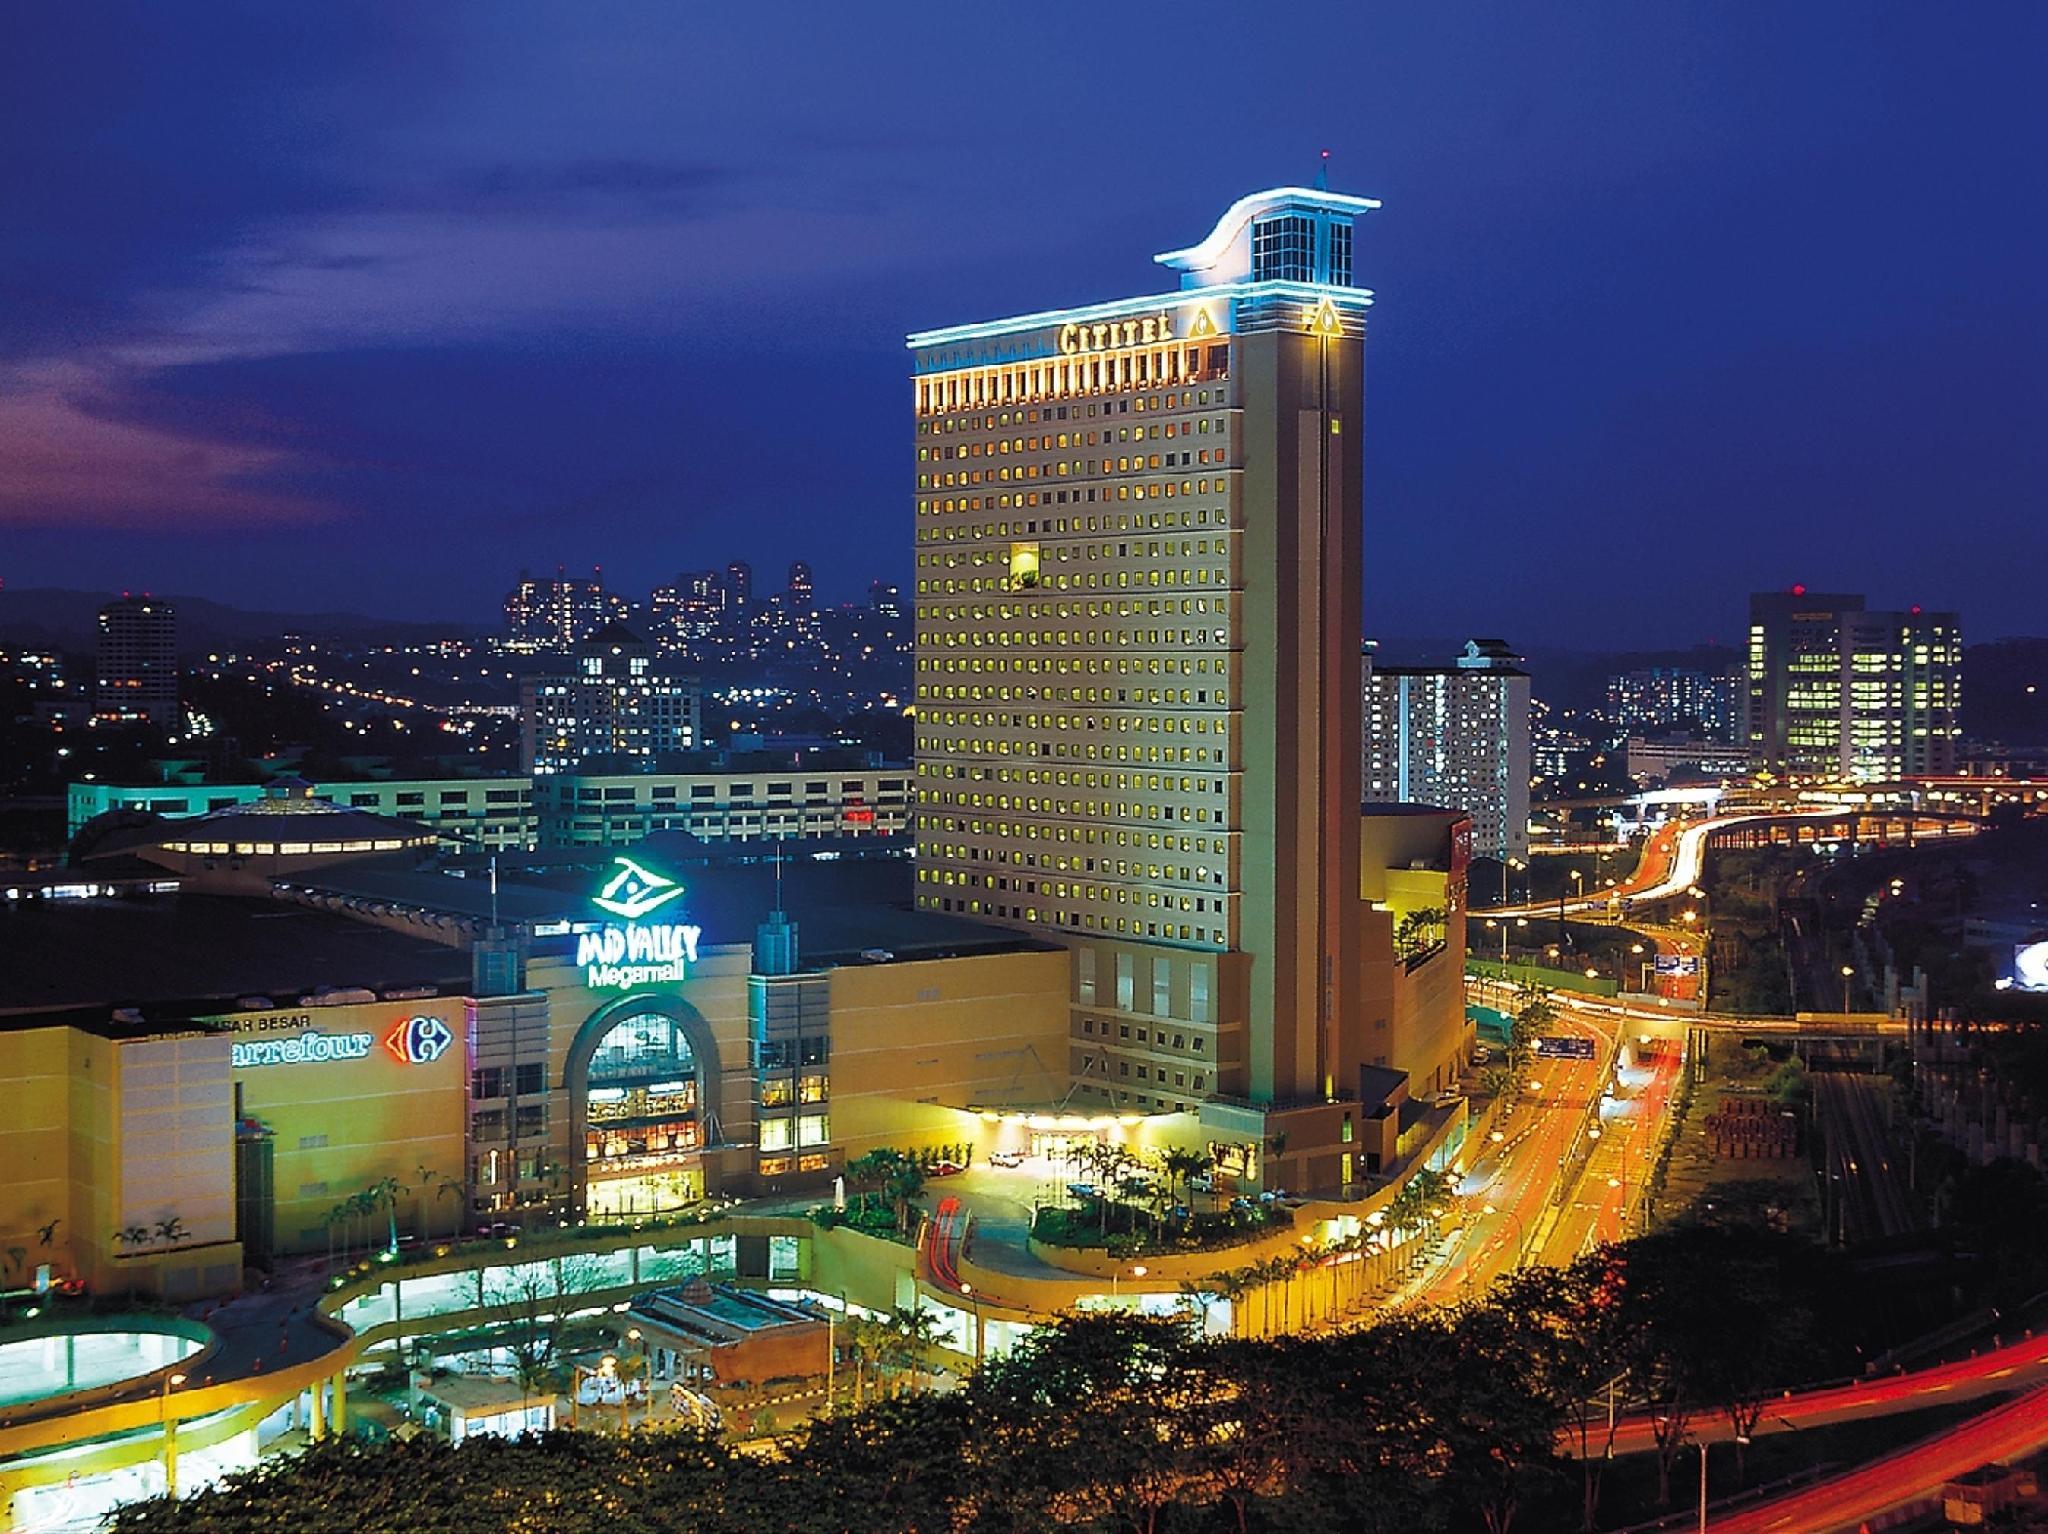 Cititel Mid Valley, Kuala Lumpur